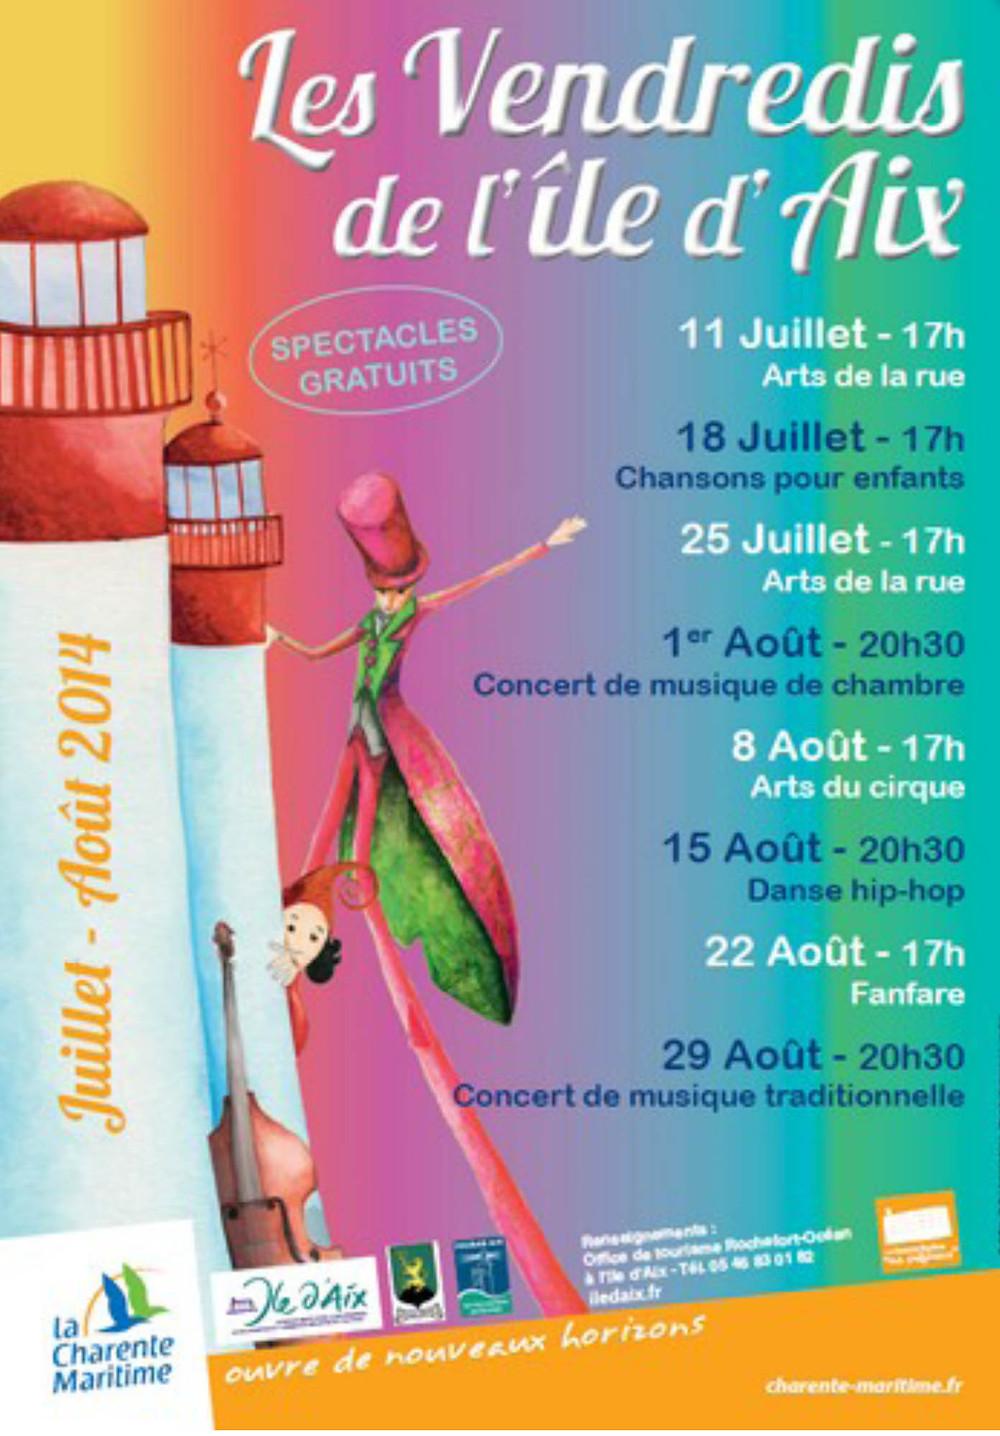 Les Vendredis de l'Île-d'Aix